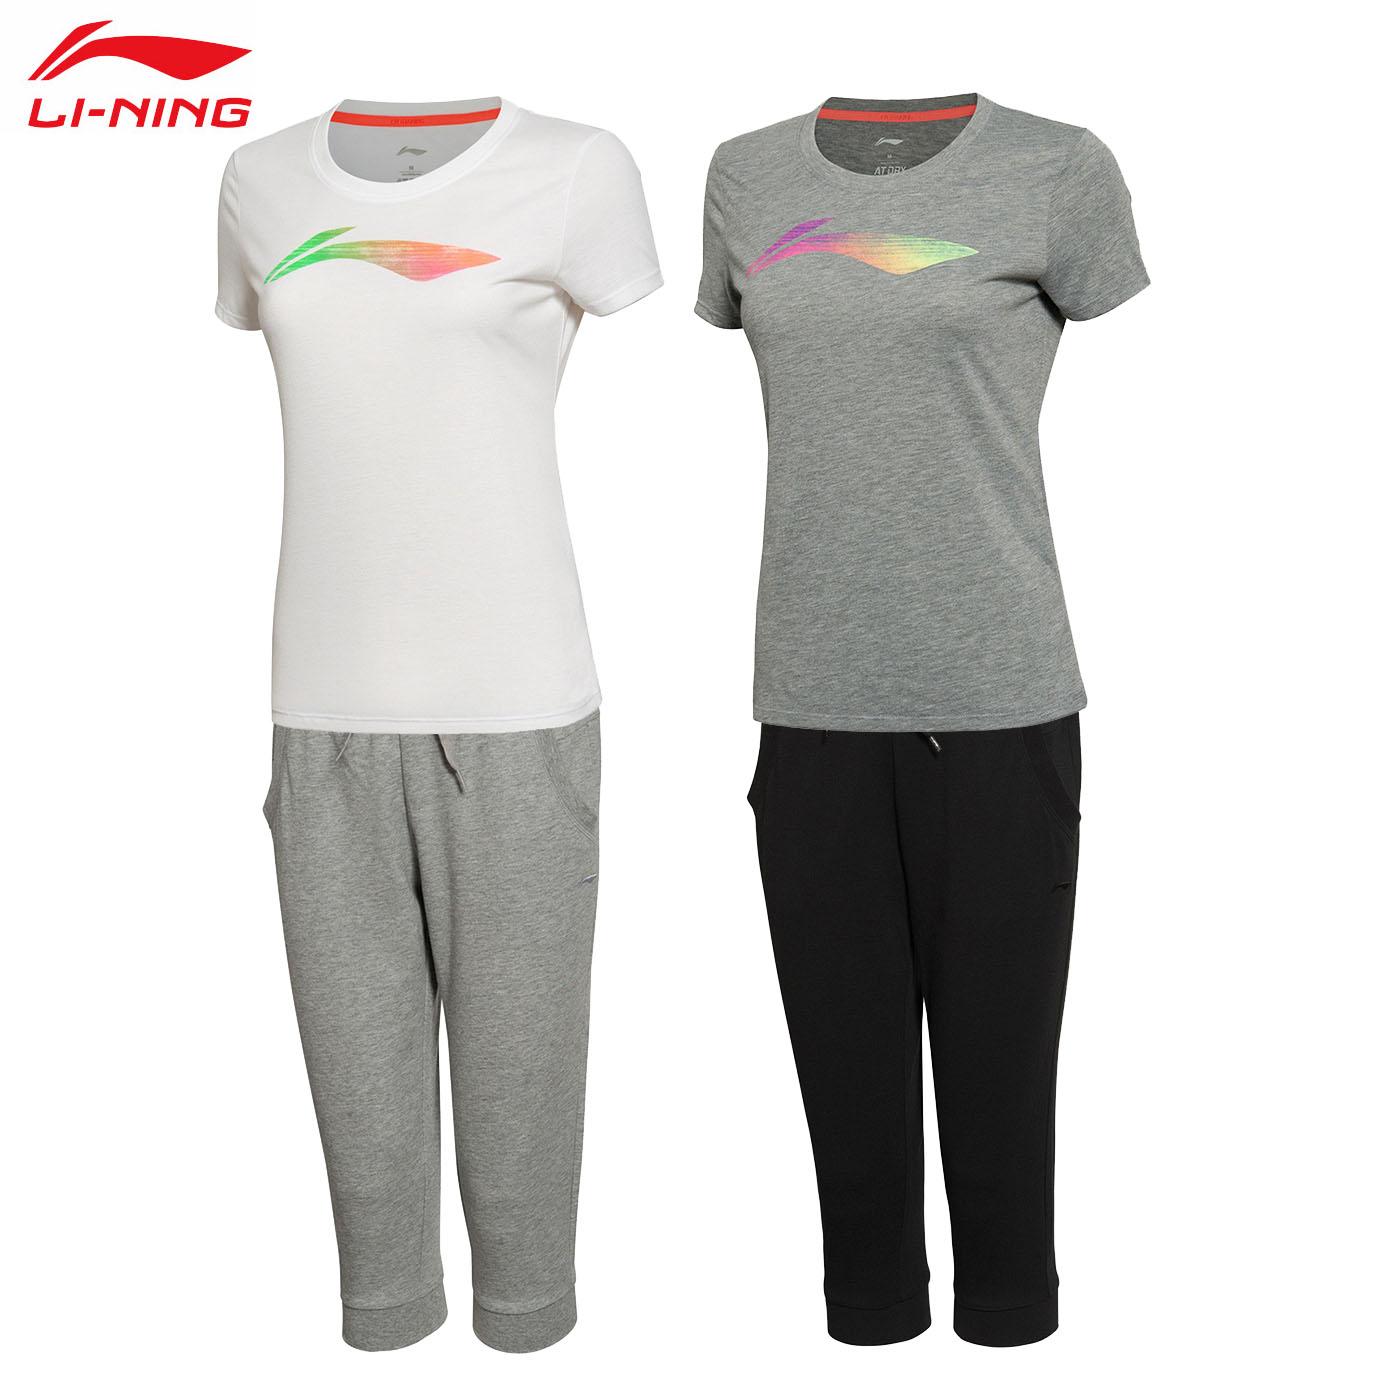 官方正品李宁LINING 夏款男子篮球服 运动比赛套装AATJ043-1-2-3